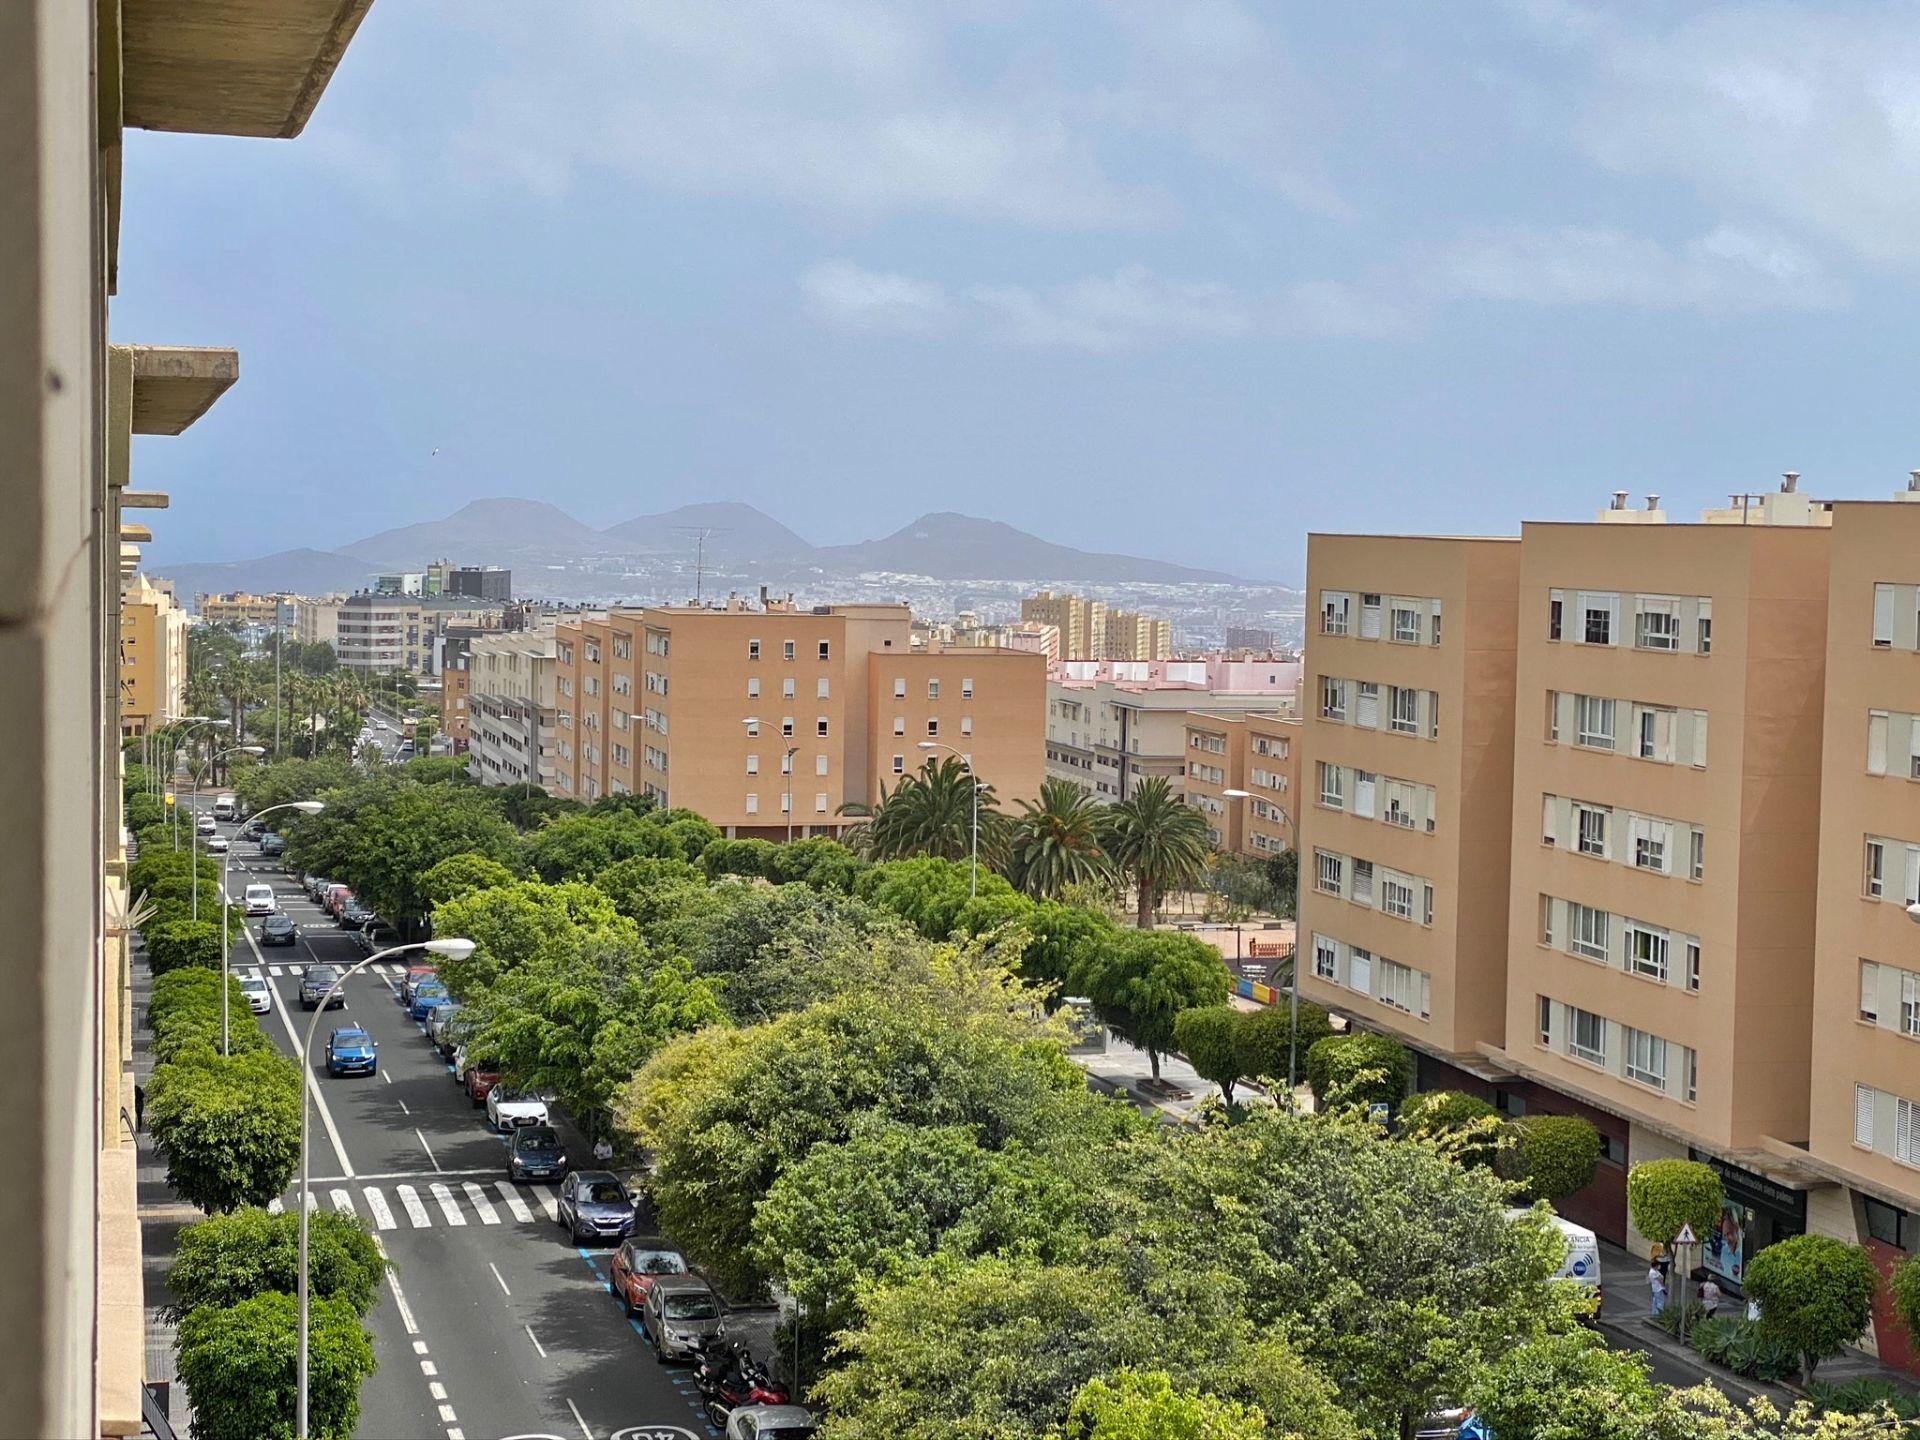 Ático en Las Palmas, Las Palmas de Gran Canaria, venta